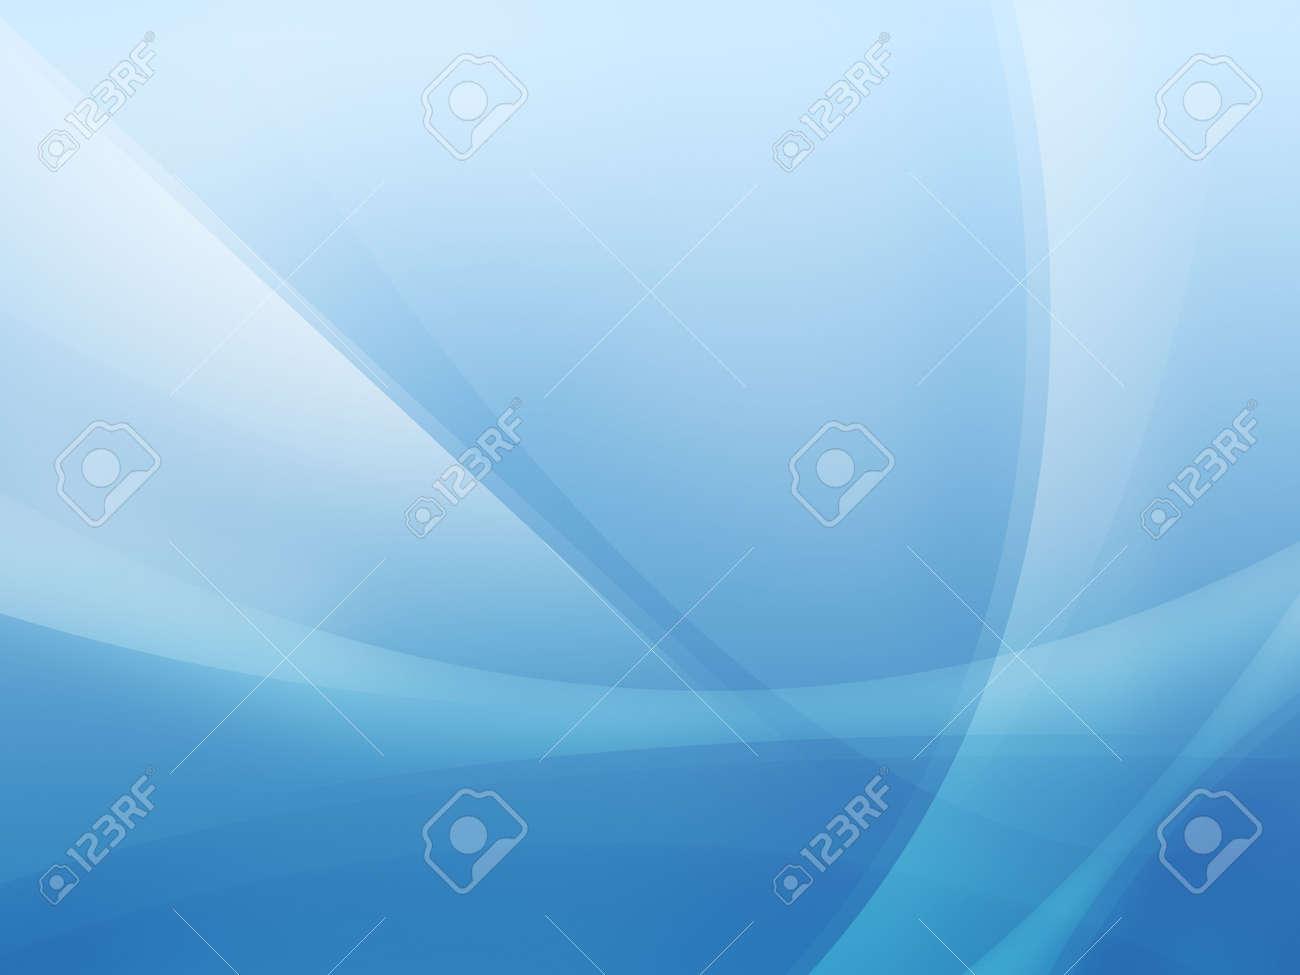 青いアクア シルクの壁紙 の写真素材 画像素材 Image 4585523